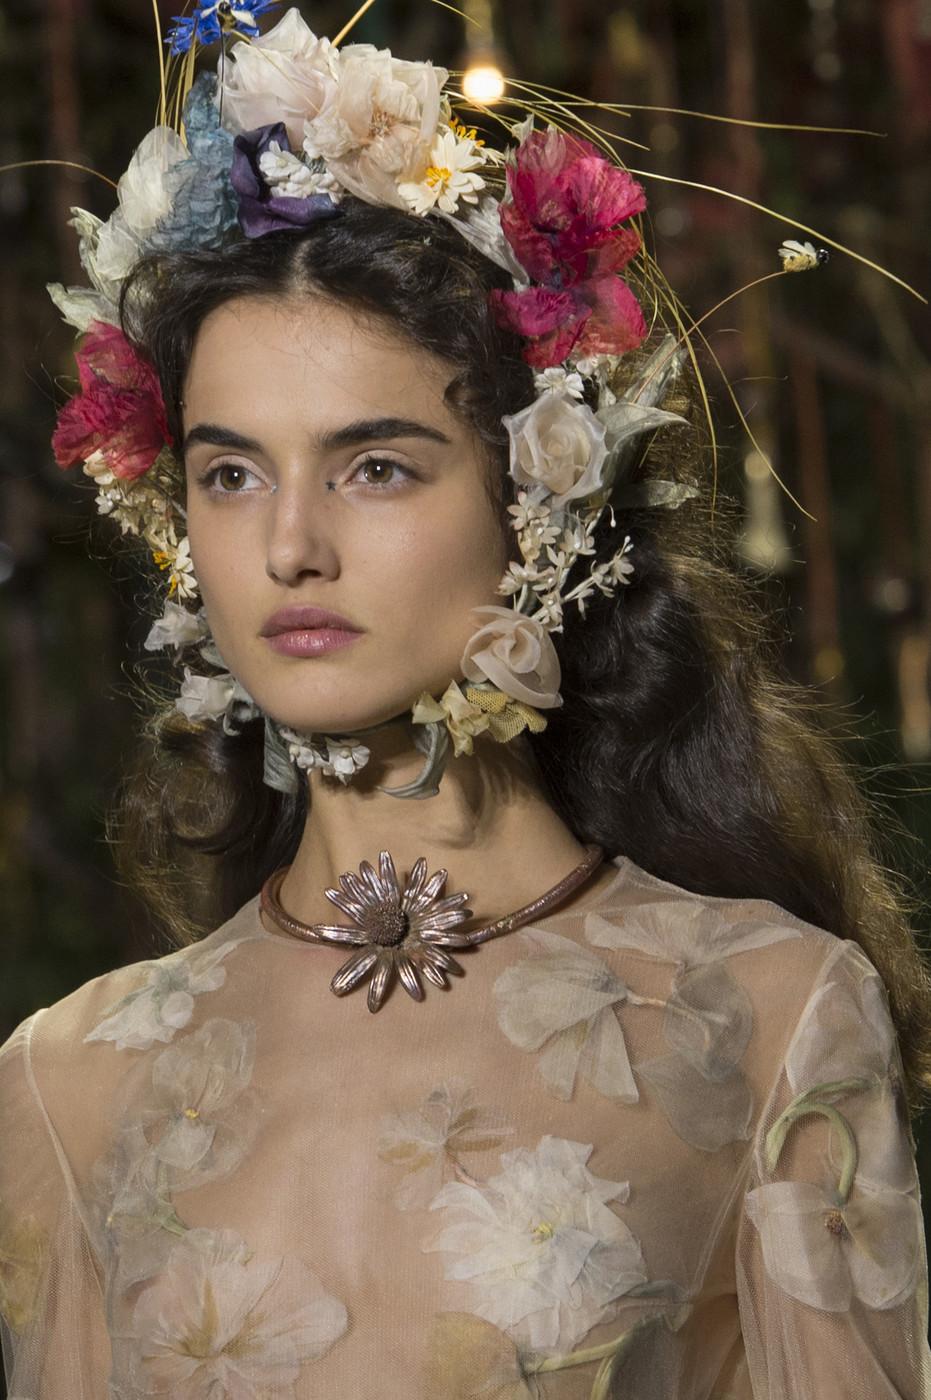 Christian+Dior+Spring+2017+Details+69Ldqp_0kIAx.jpg